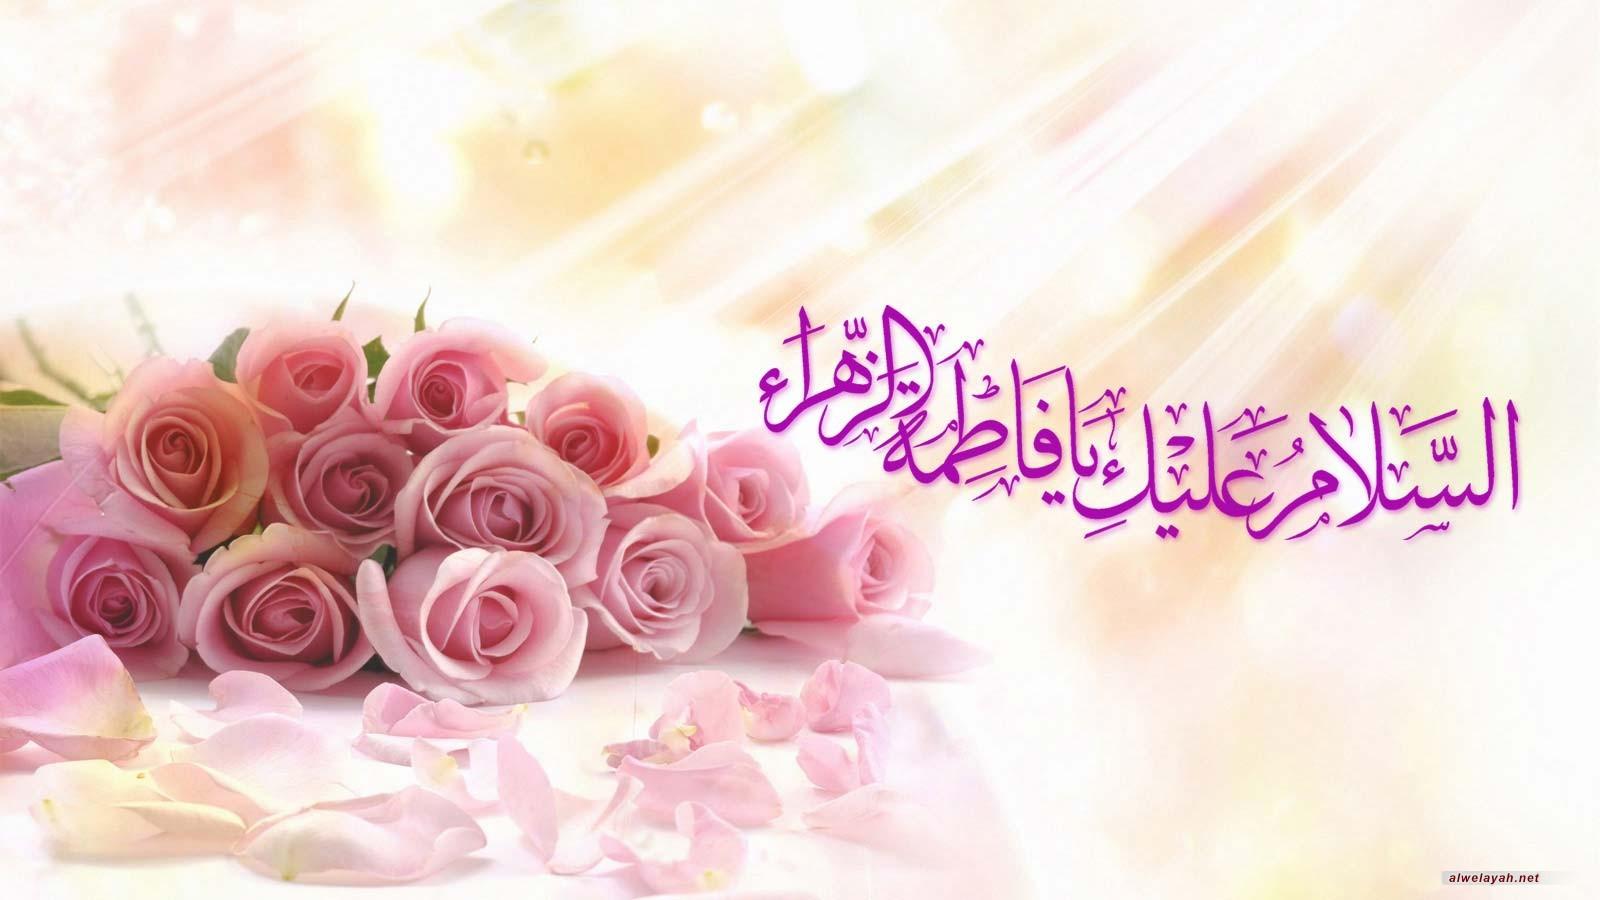 منزلة السيدة فاطمة الزهراء (عليها السلام)